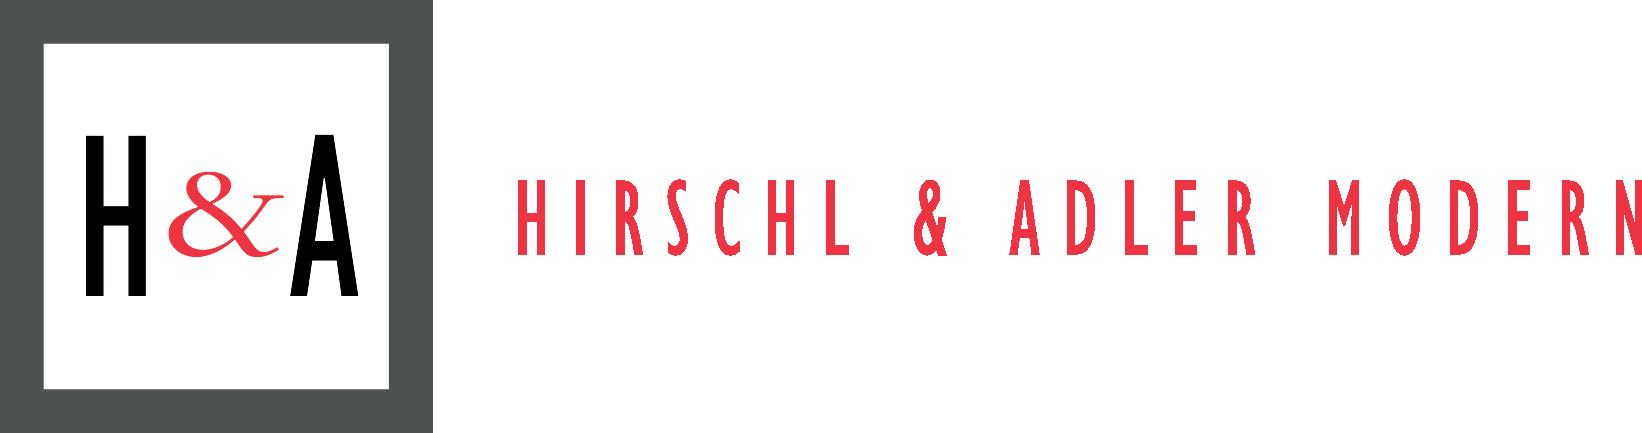 HirschlAdlerModern